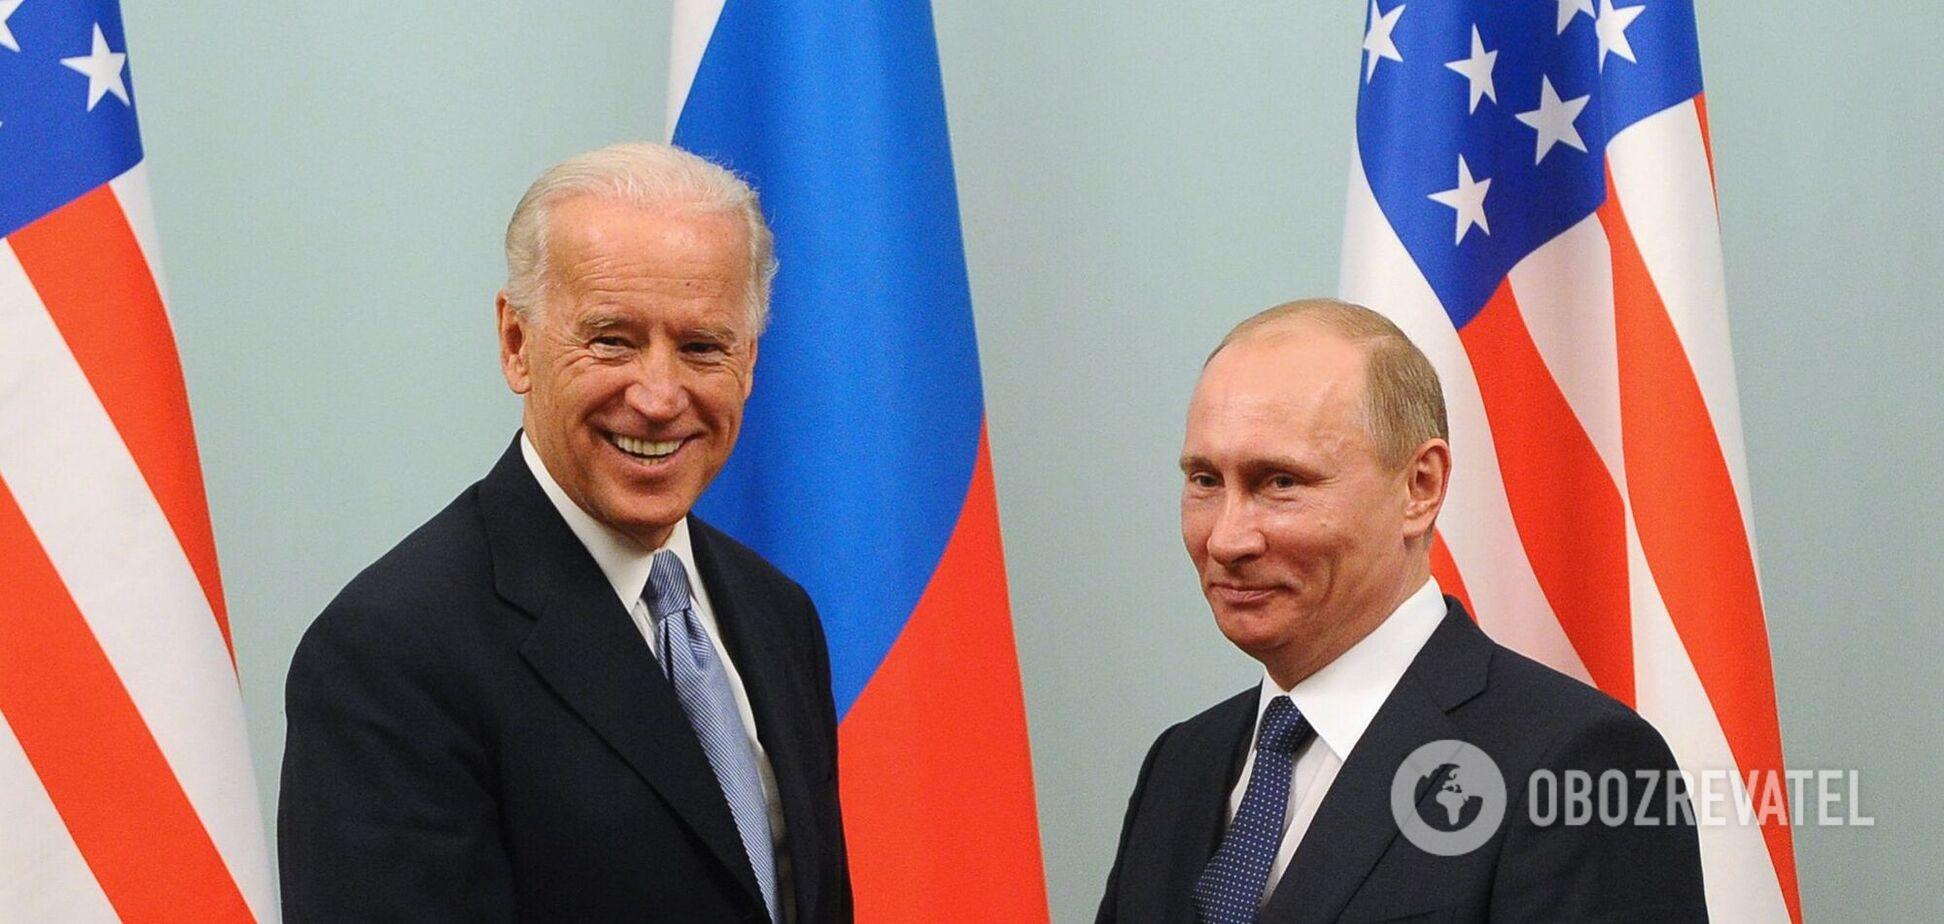 Кремль вважає передчасним говорити про деталі можливої зустрічі Путіна і Байдена